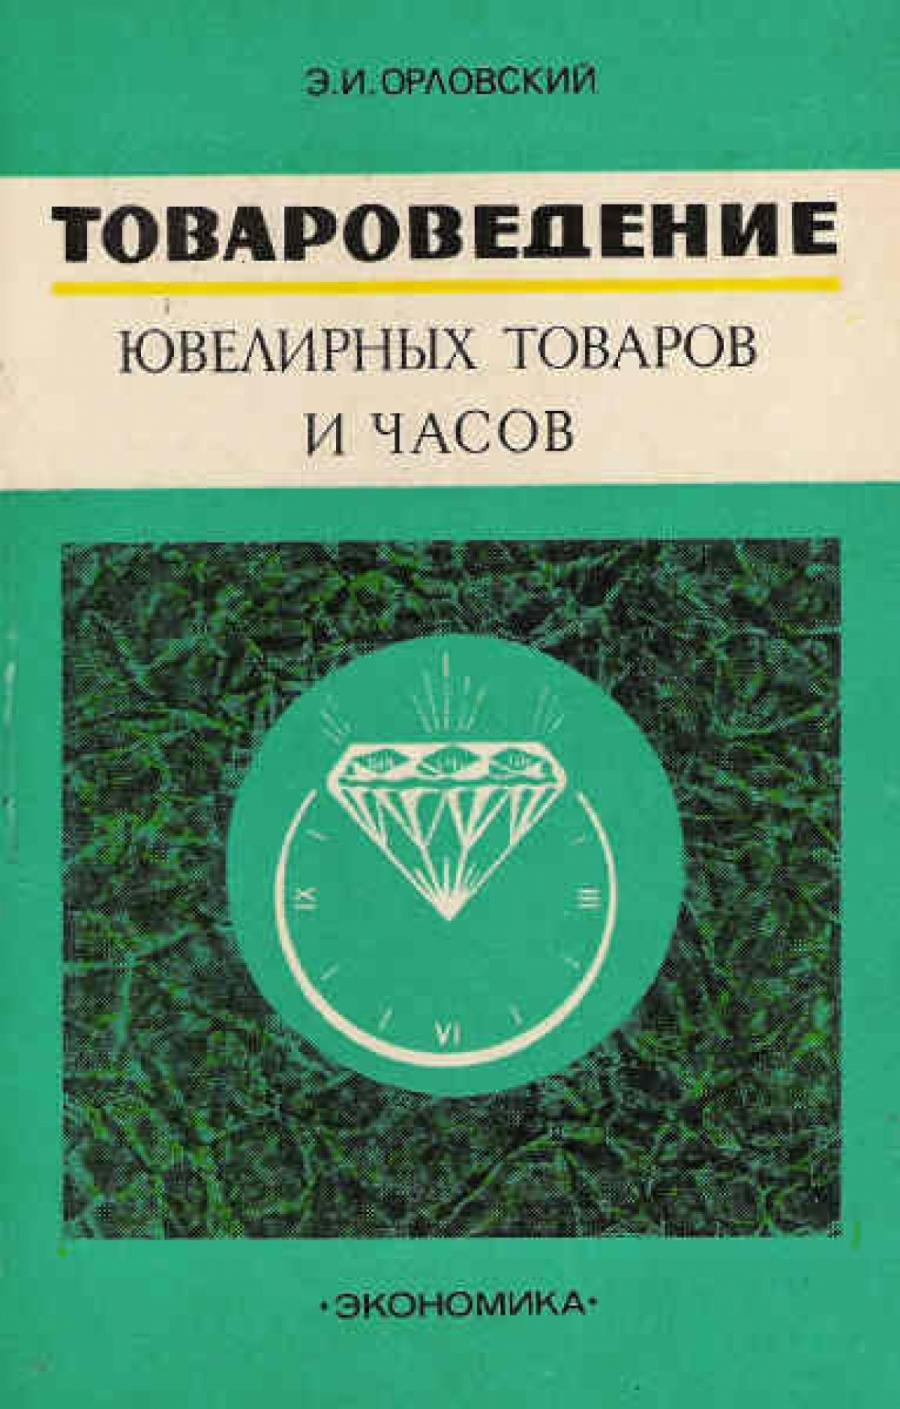 Обложка книги:  орловский э.и. - товароведение ювелирных товаров и часов